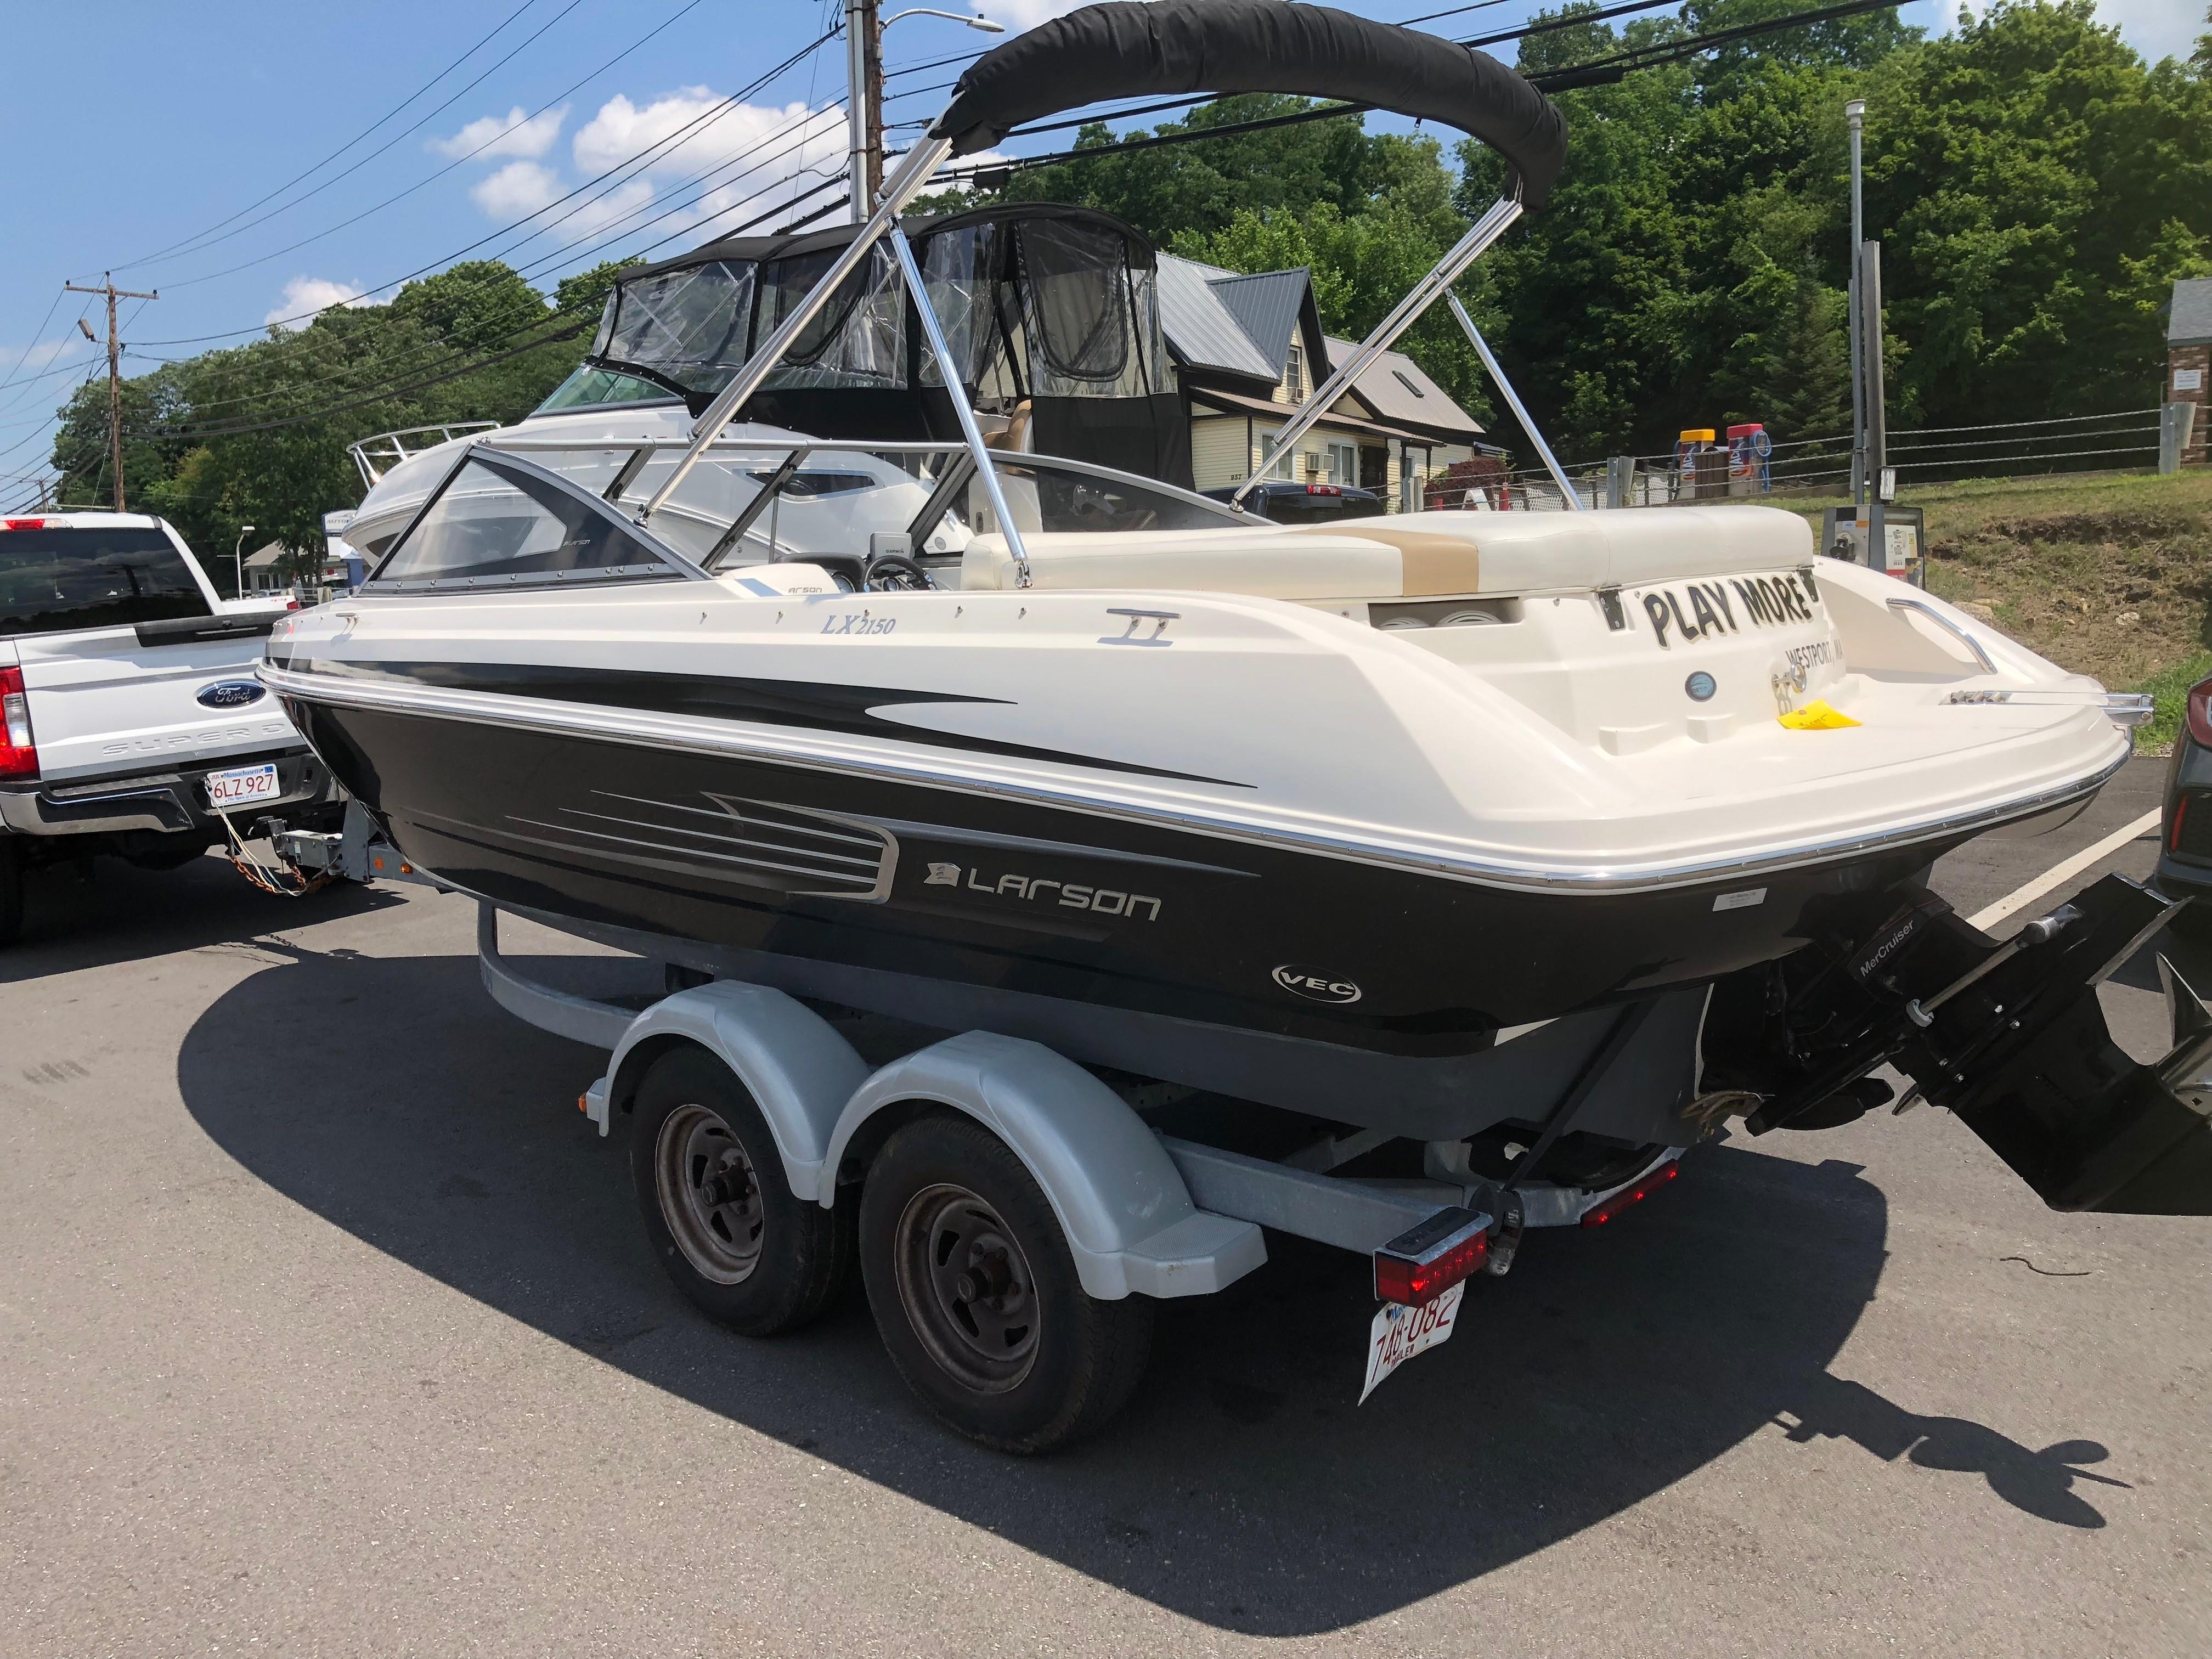 2012 LARSON LX 2150 for sale